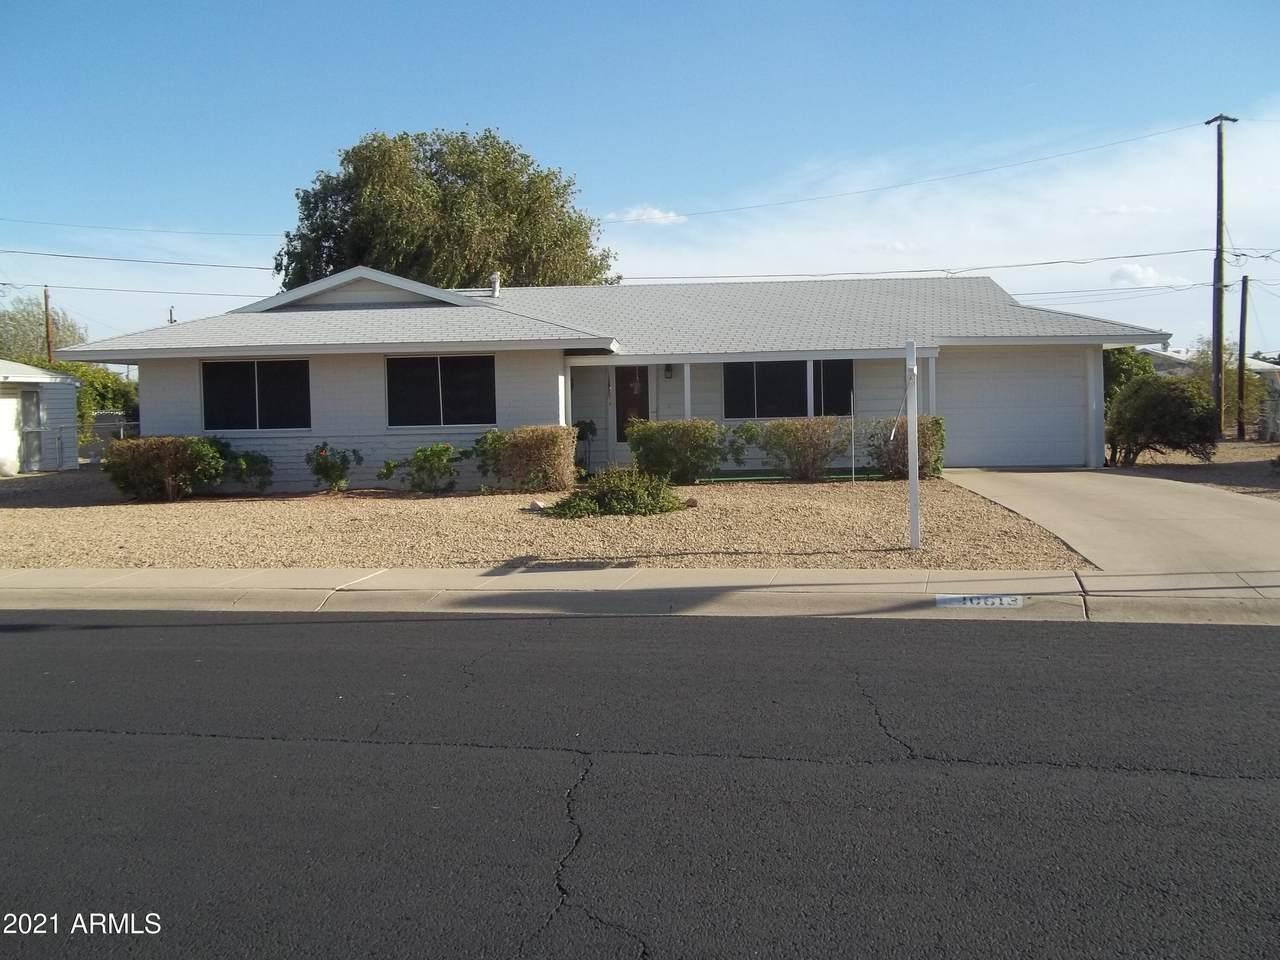 10613 El Rancho Drive - Photo 1